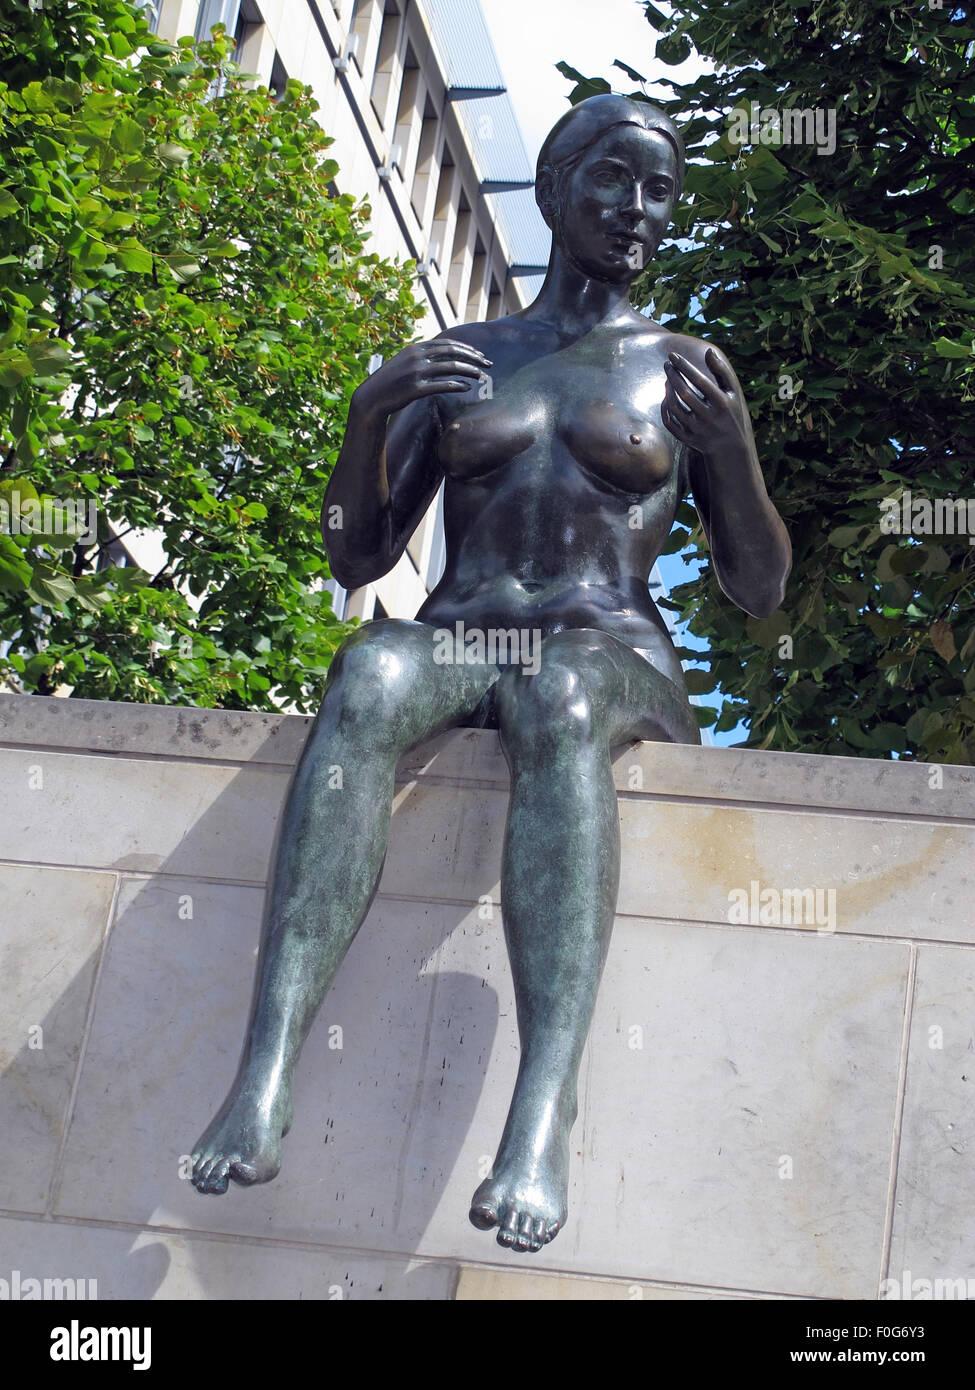 Laden Sie dieses Alamy Stockfoto Drei Mädchen und ein Junge von Wilfried Fitzenreiter - Statue von der Spree entlang, Moabit, Berlin, Deutschland mit Gebäude hinter - F0G6Y3